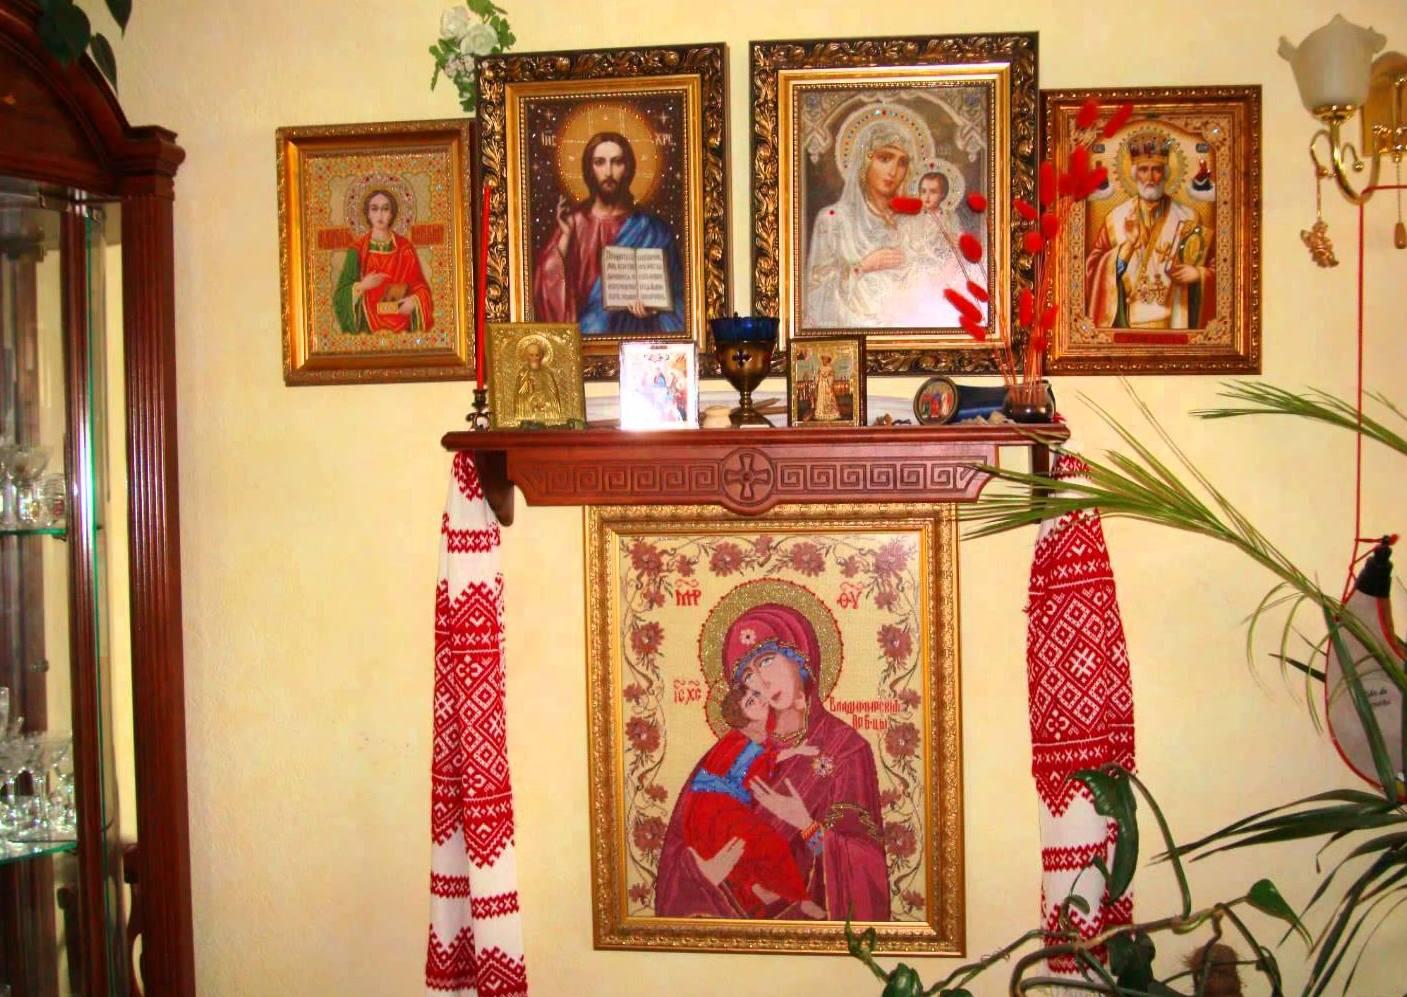 юрского периода можно ли фото родных ставить около икон завтрака сводный брат